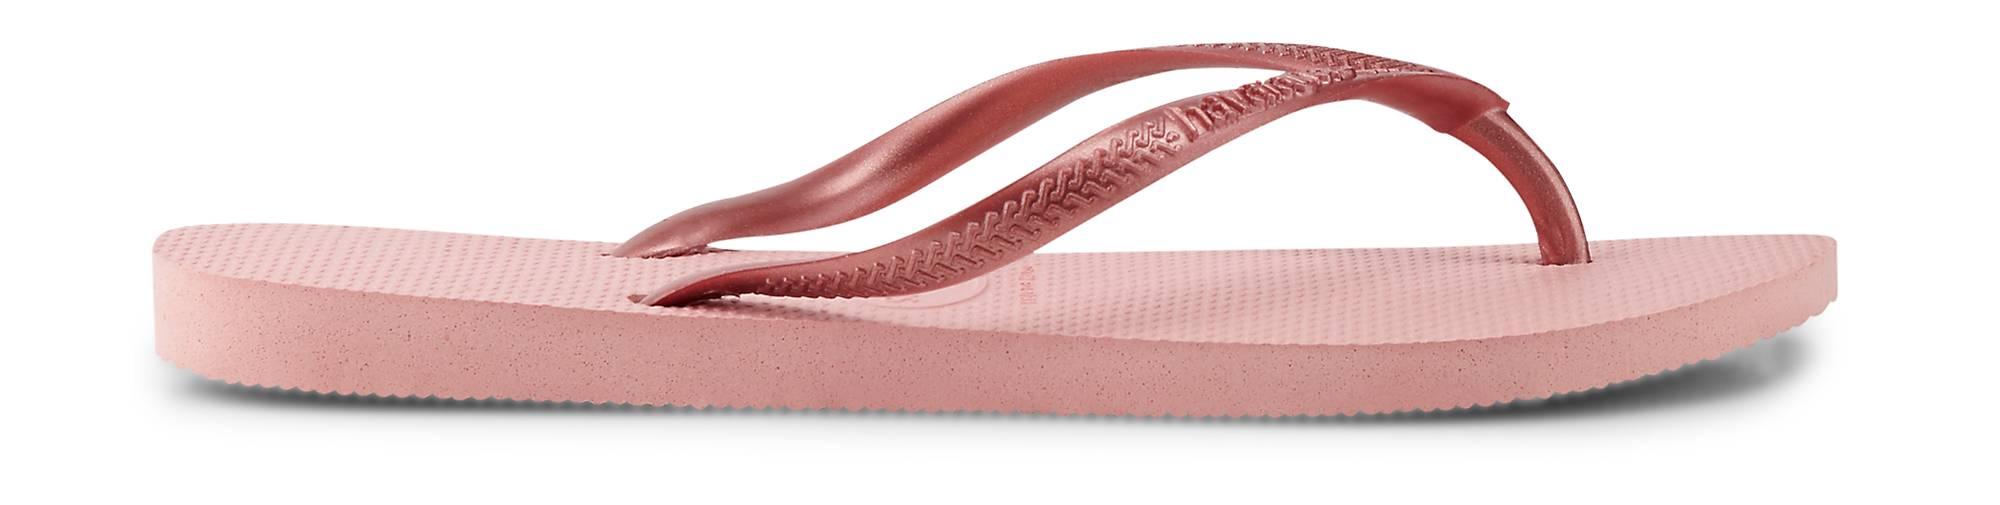 Havaianas kaufen Zehentrenner SLIM in rosa kaufen Havaianas - 44155913 | GÖRTZ 8b9df7